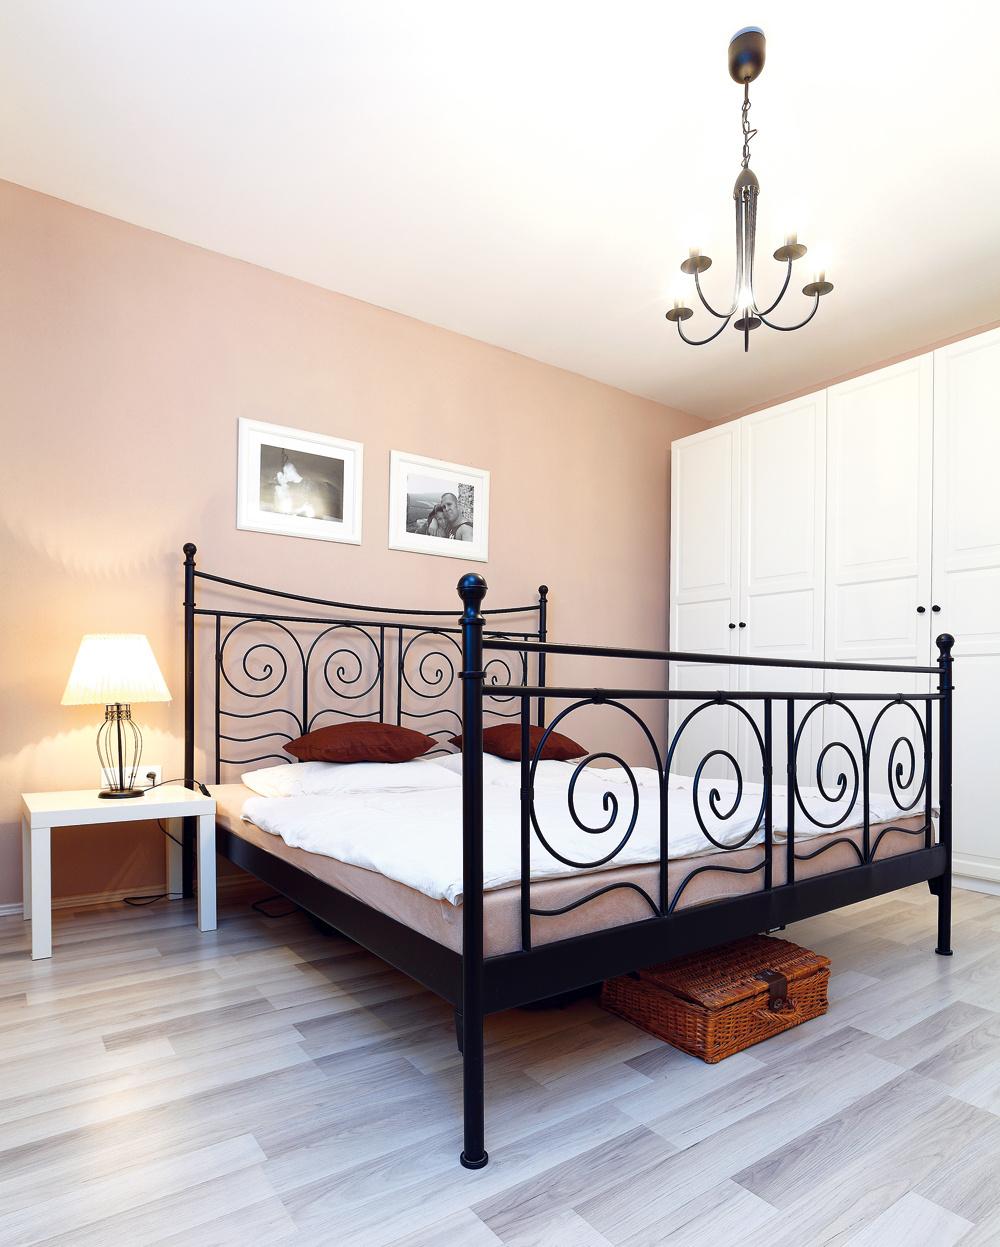 """Vspálni sa Lenka držala romantického štýlu anábytku zIKEY. """"Mám rada ich dizajn,"""" chváli. """"Navyše, je to variabilný nábytok, väčšinou za dobrú cenu."""""""